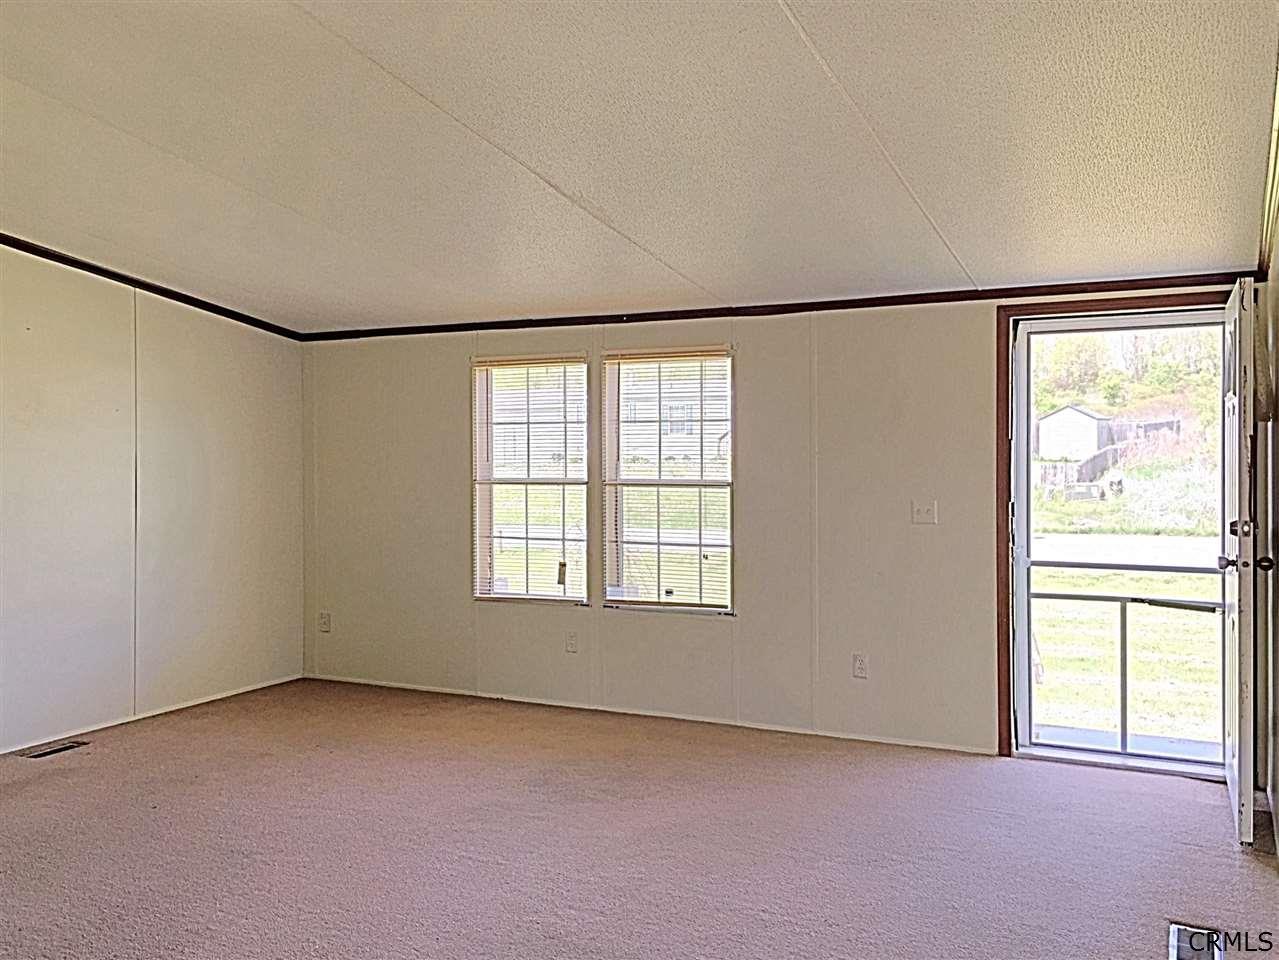 422 Tori Trace, Fort Edward, NY 12828